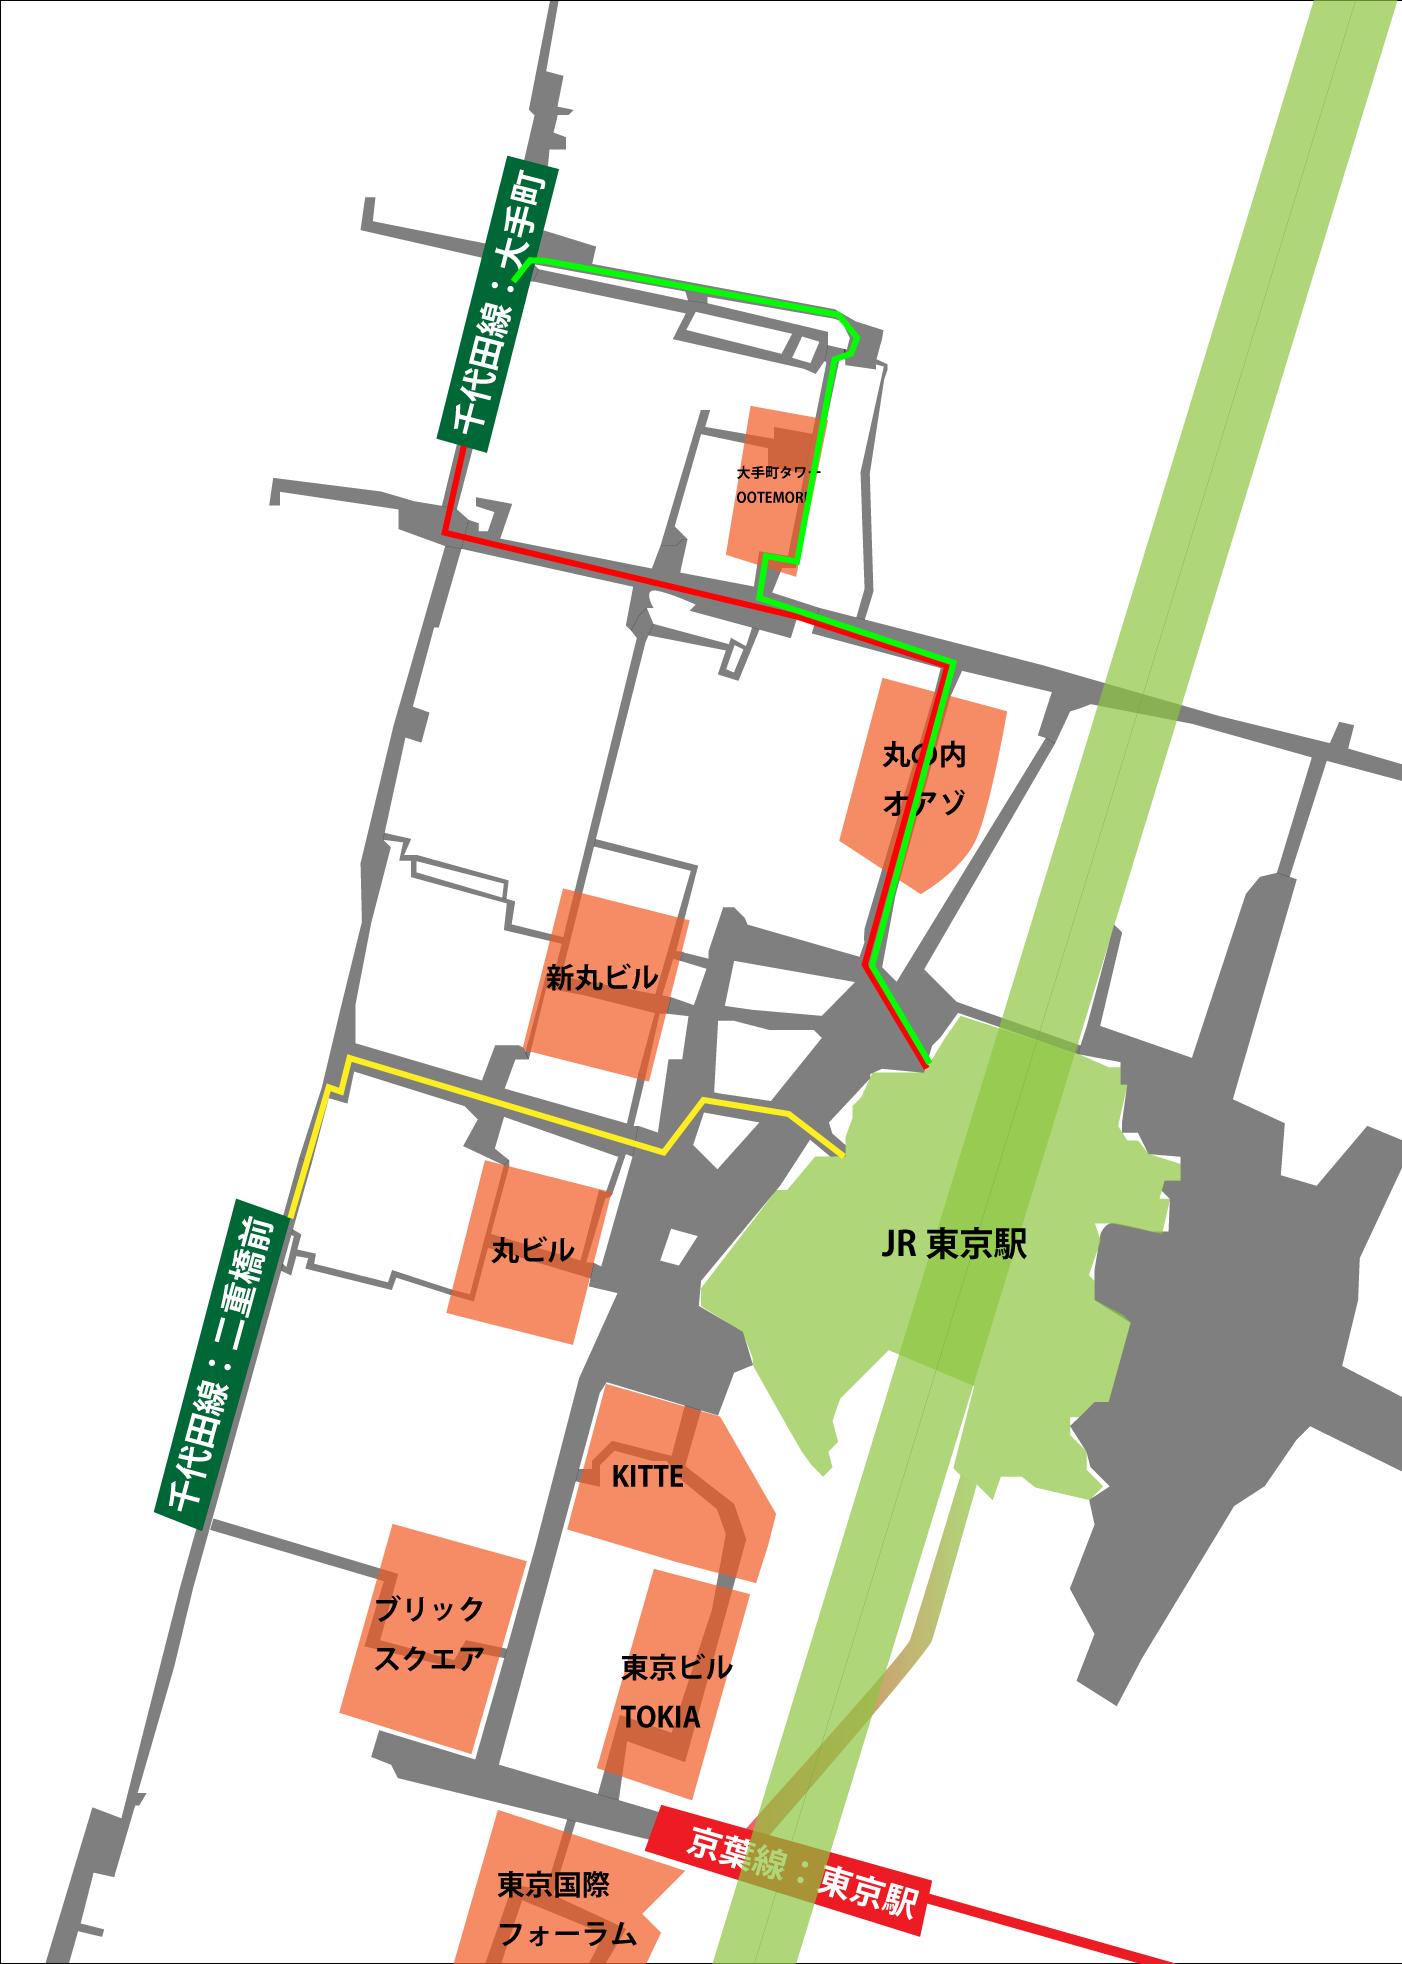 千代田線 - 東京駅地下ルート